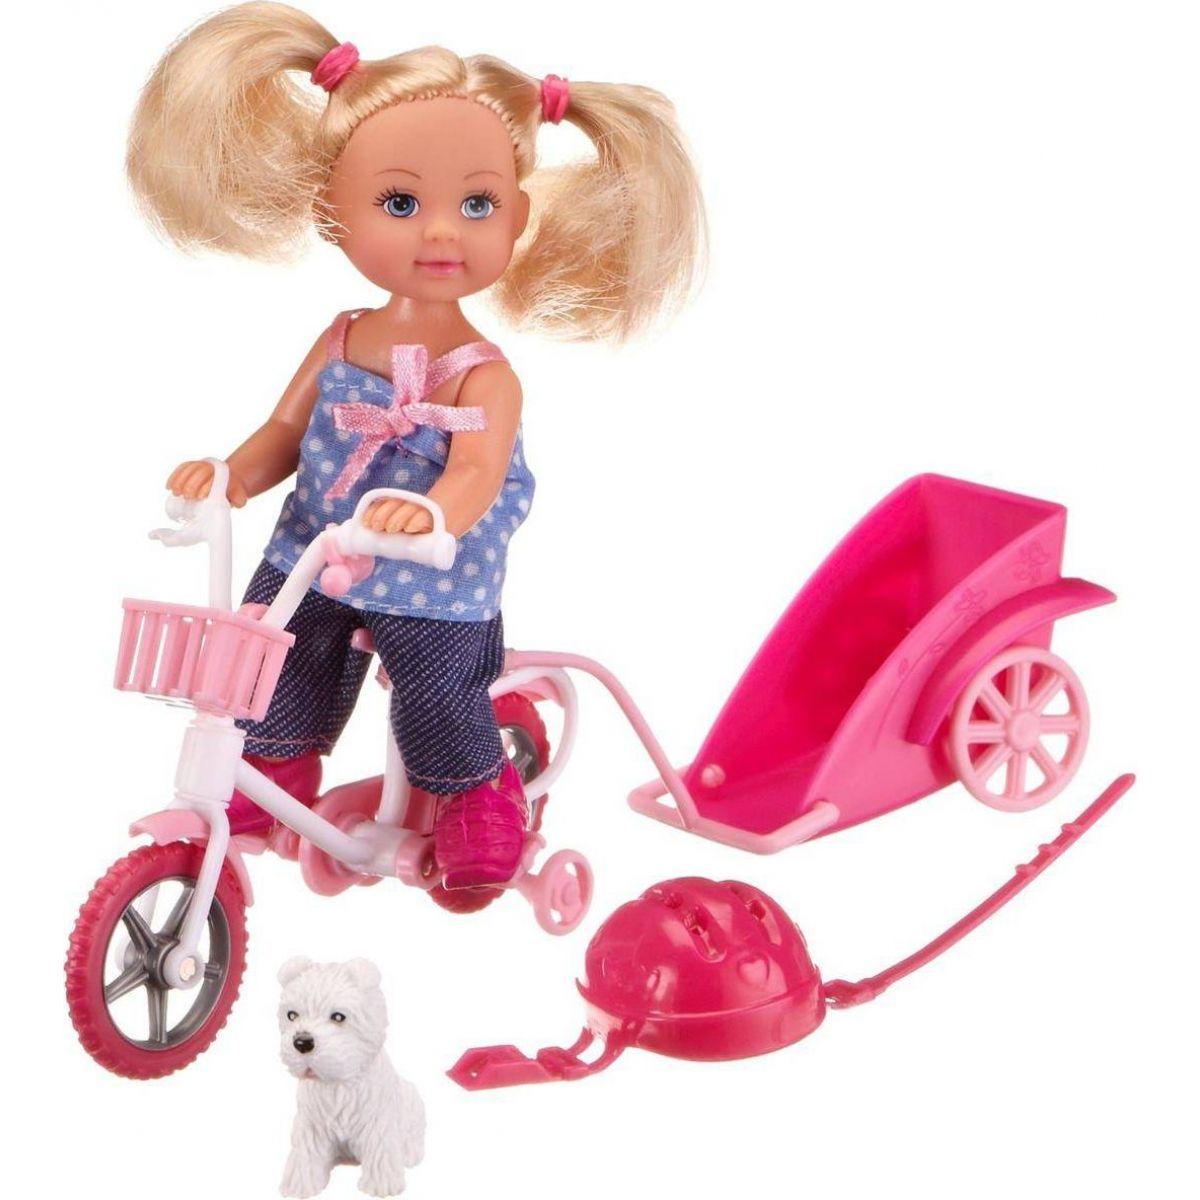 Evi Love Panenka Evička na kole s vozíkem kraťasy a tričko